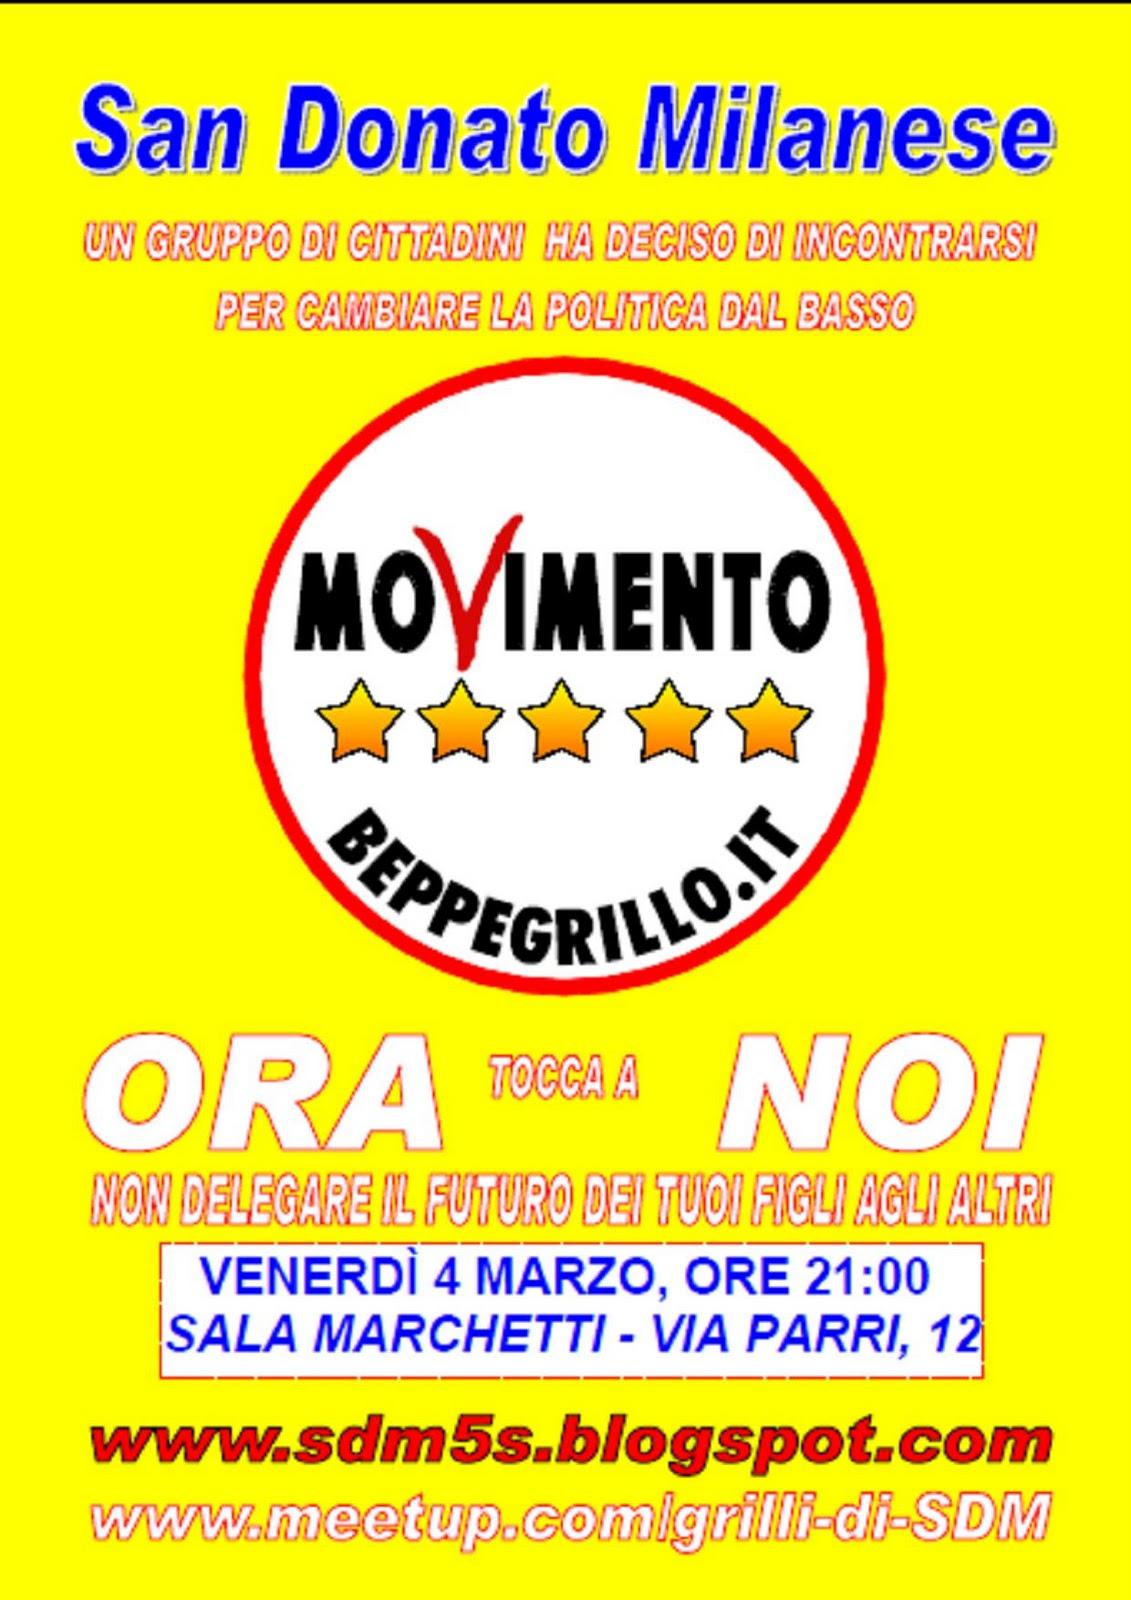 Movimento 5 stelle san donato milanese venerdi 4 marzo for Diretta dalla camera dei deputati